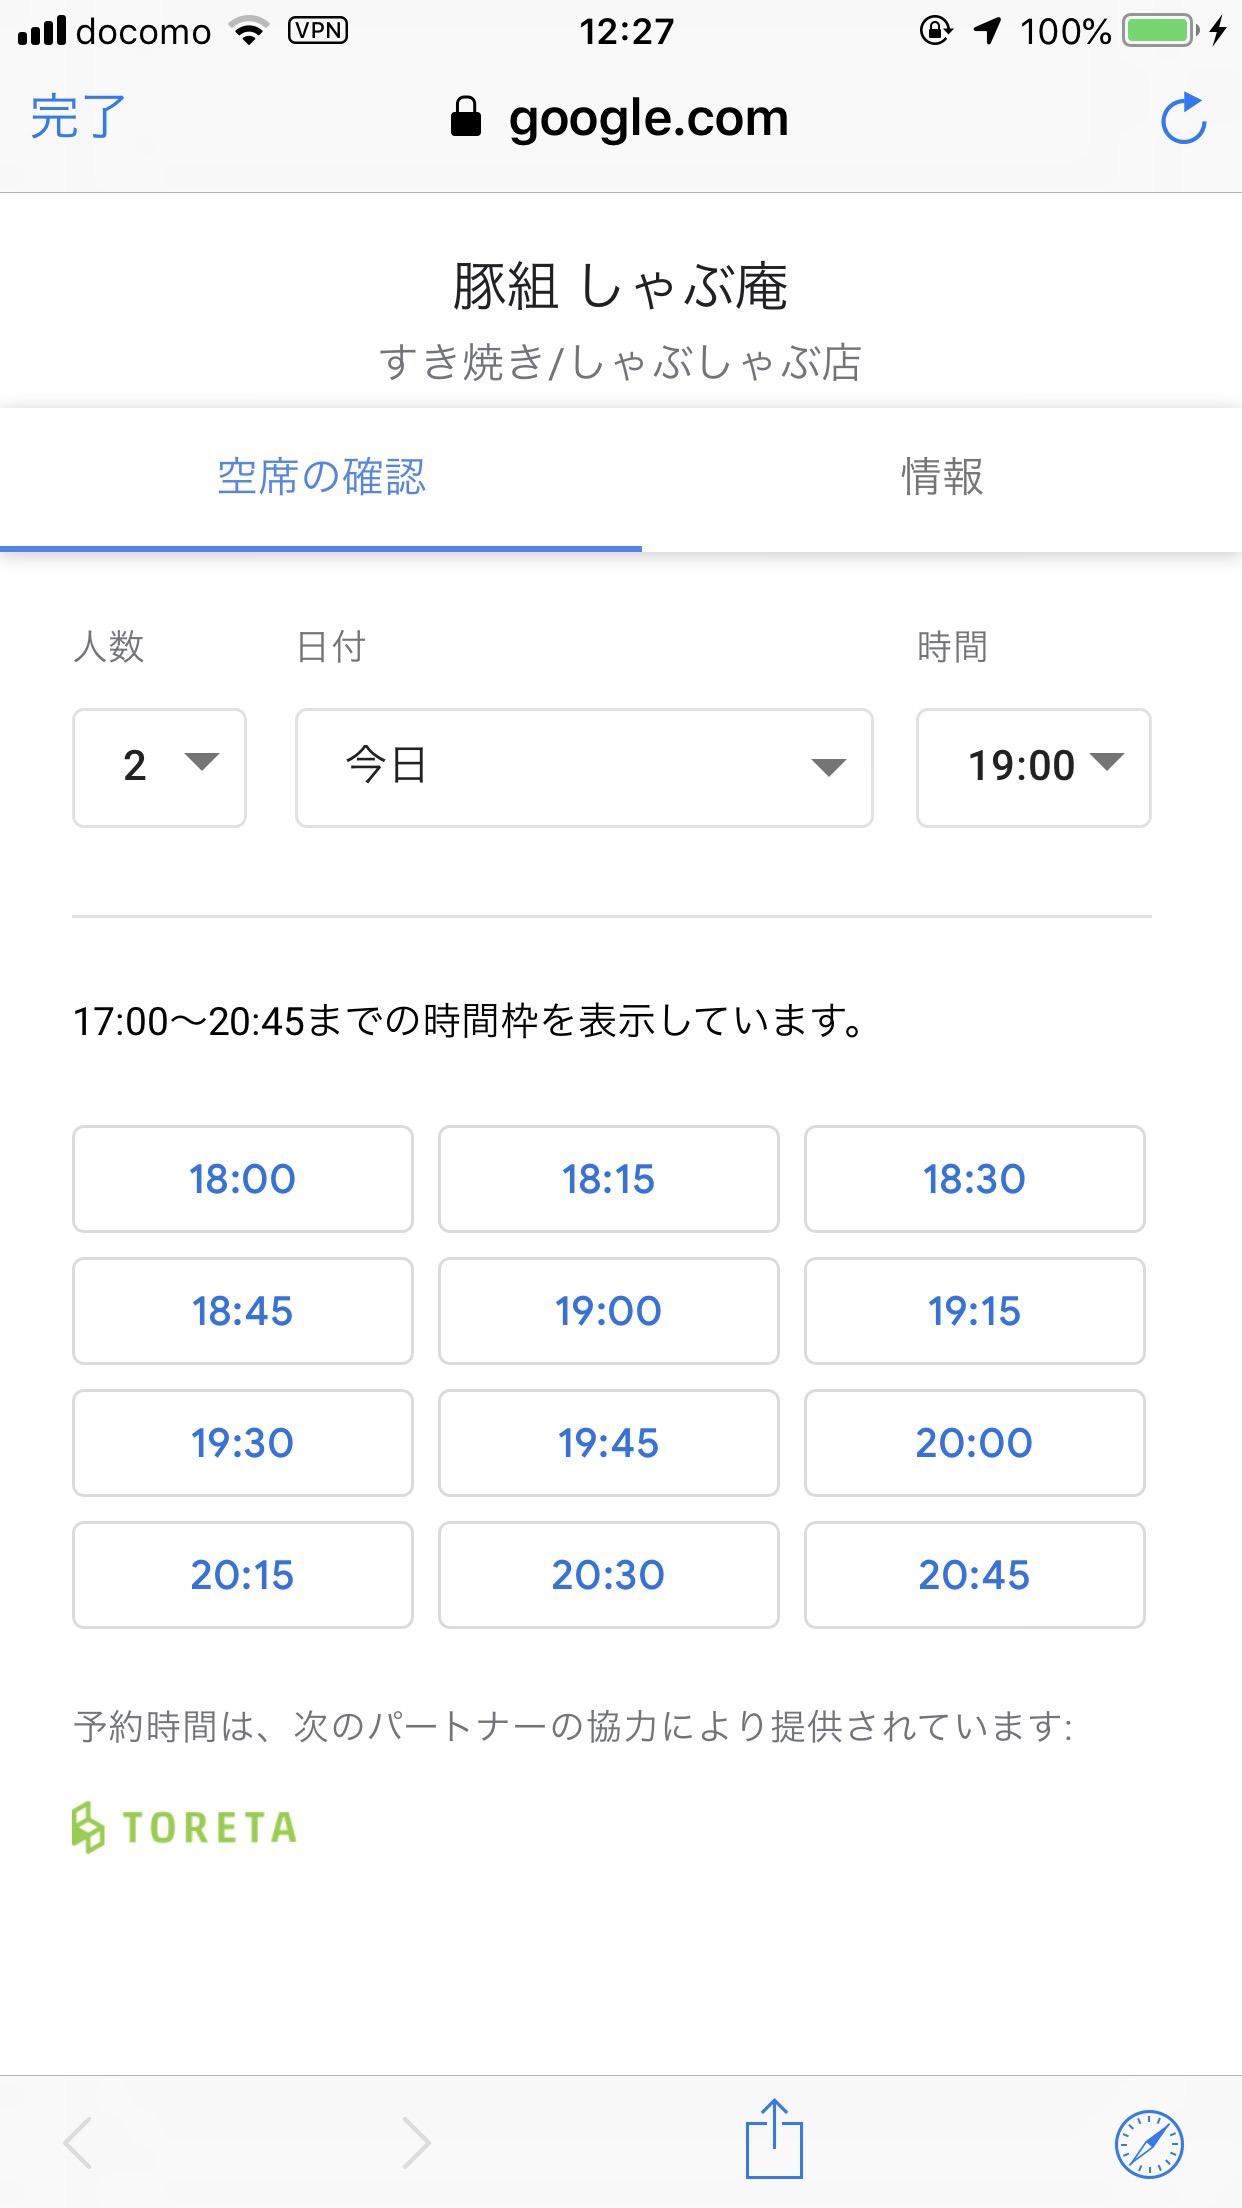 トレタが「Googleで予約」で当日でも予約可能な即予約サービスを提供開始